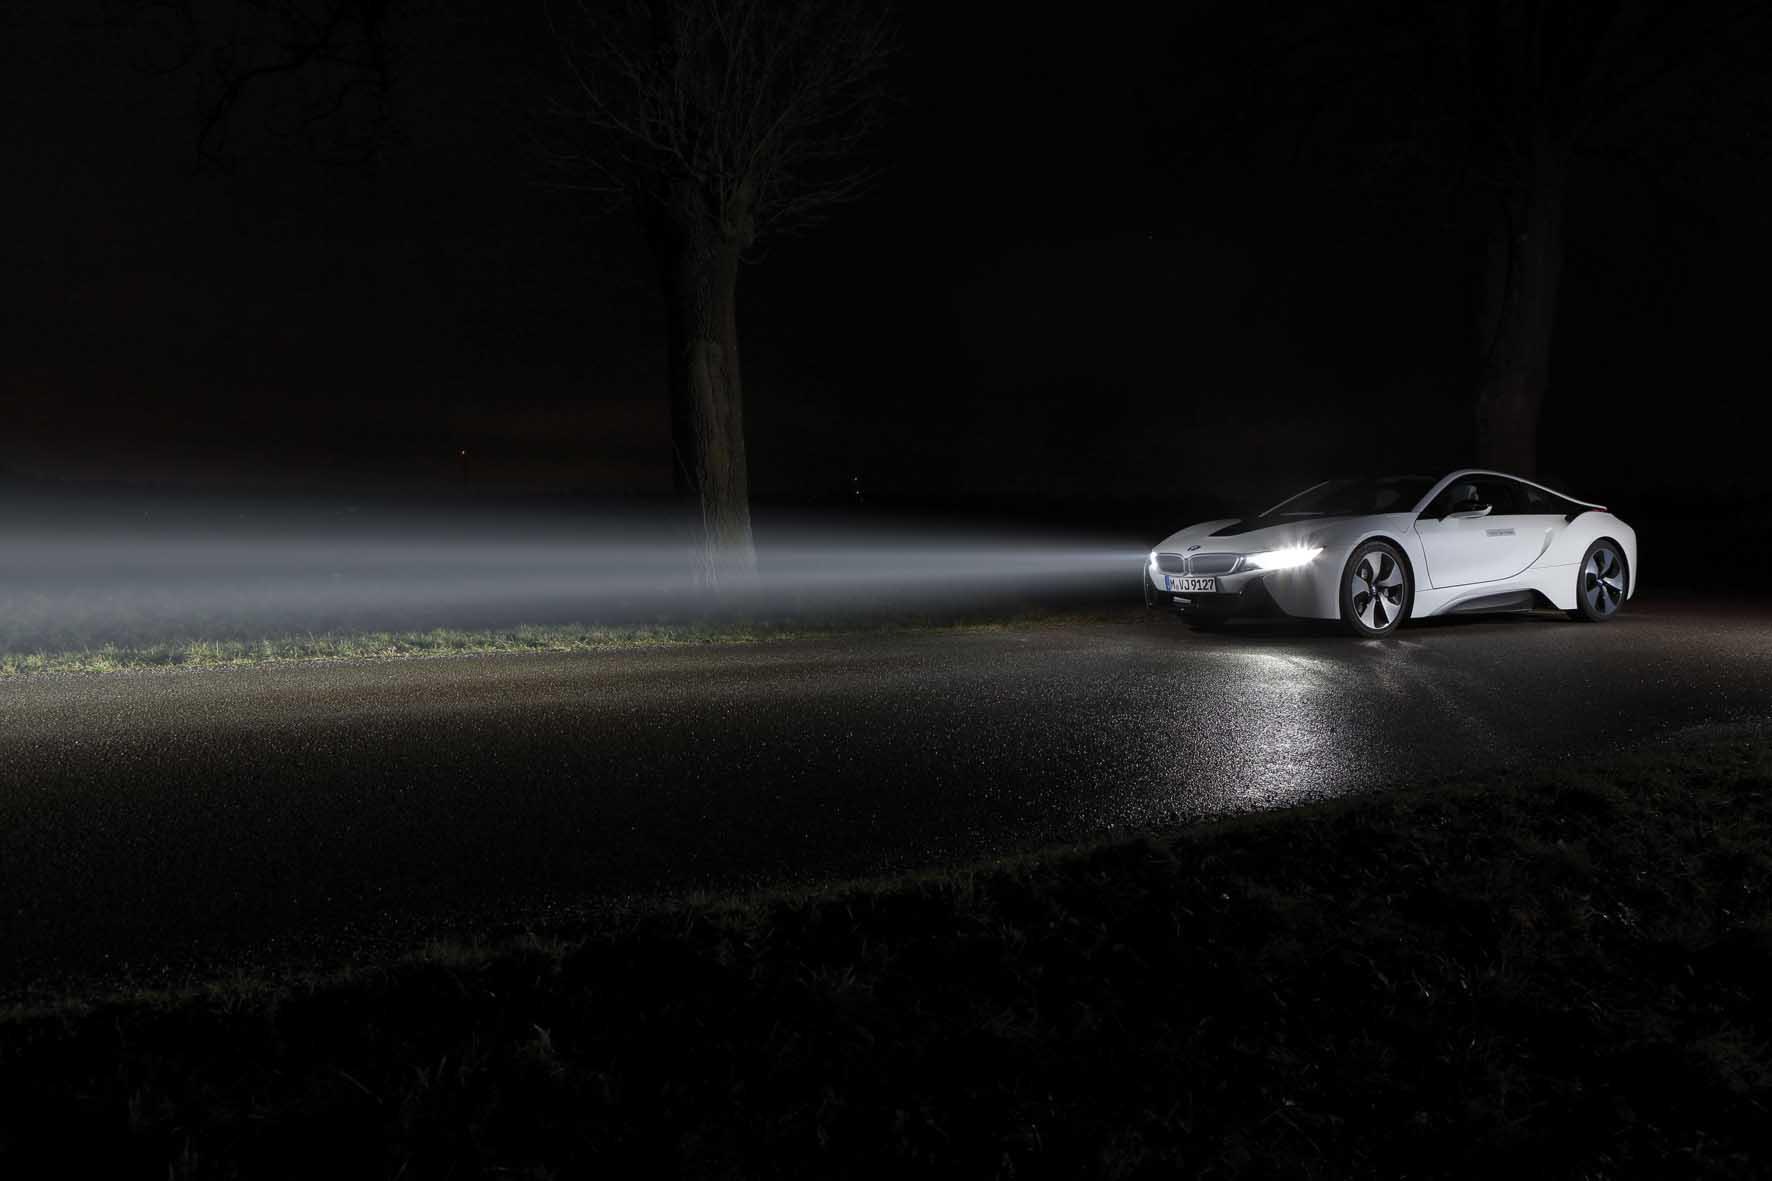 Le luci chroma di razer presto sulle auto elettriche leapmotor